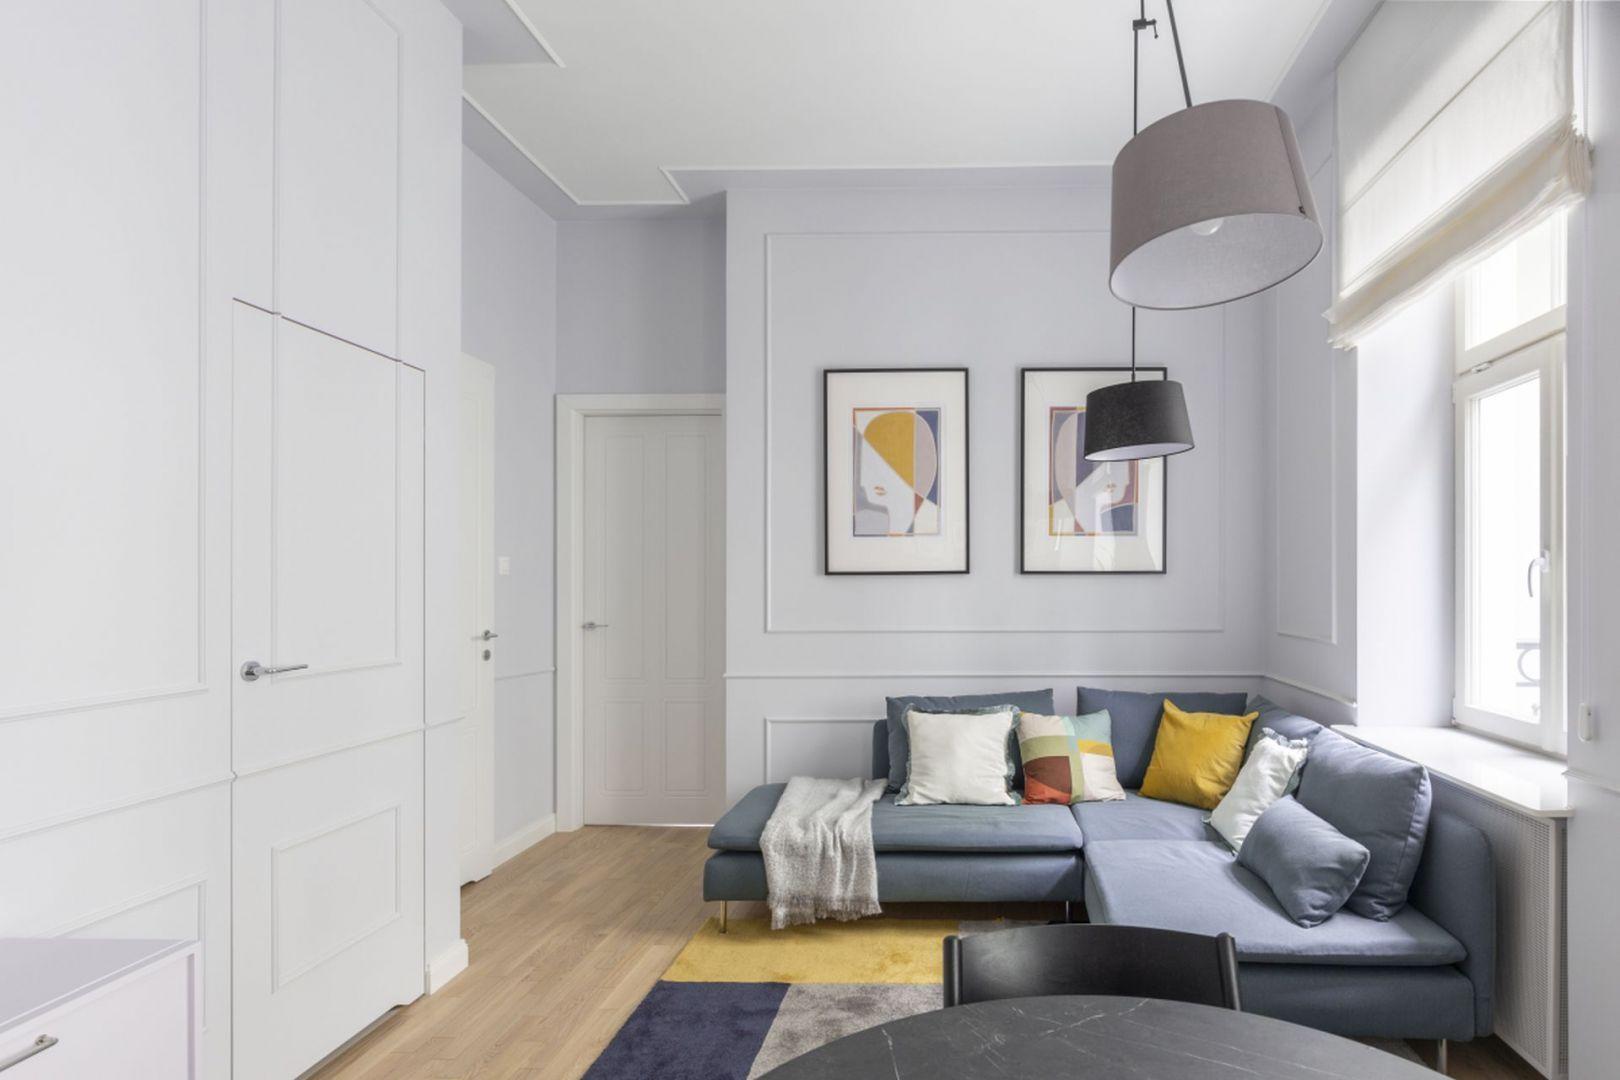 Mały salon w bloku ze sztukaterią na ścianie oraz z dębową podłogą. Projekt: Decoroom. Fot. Pion Poziom